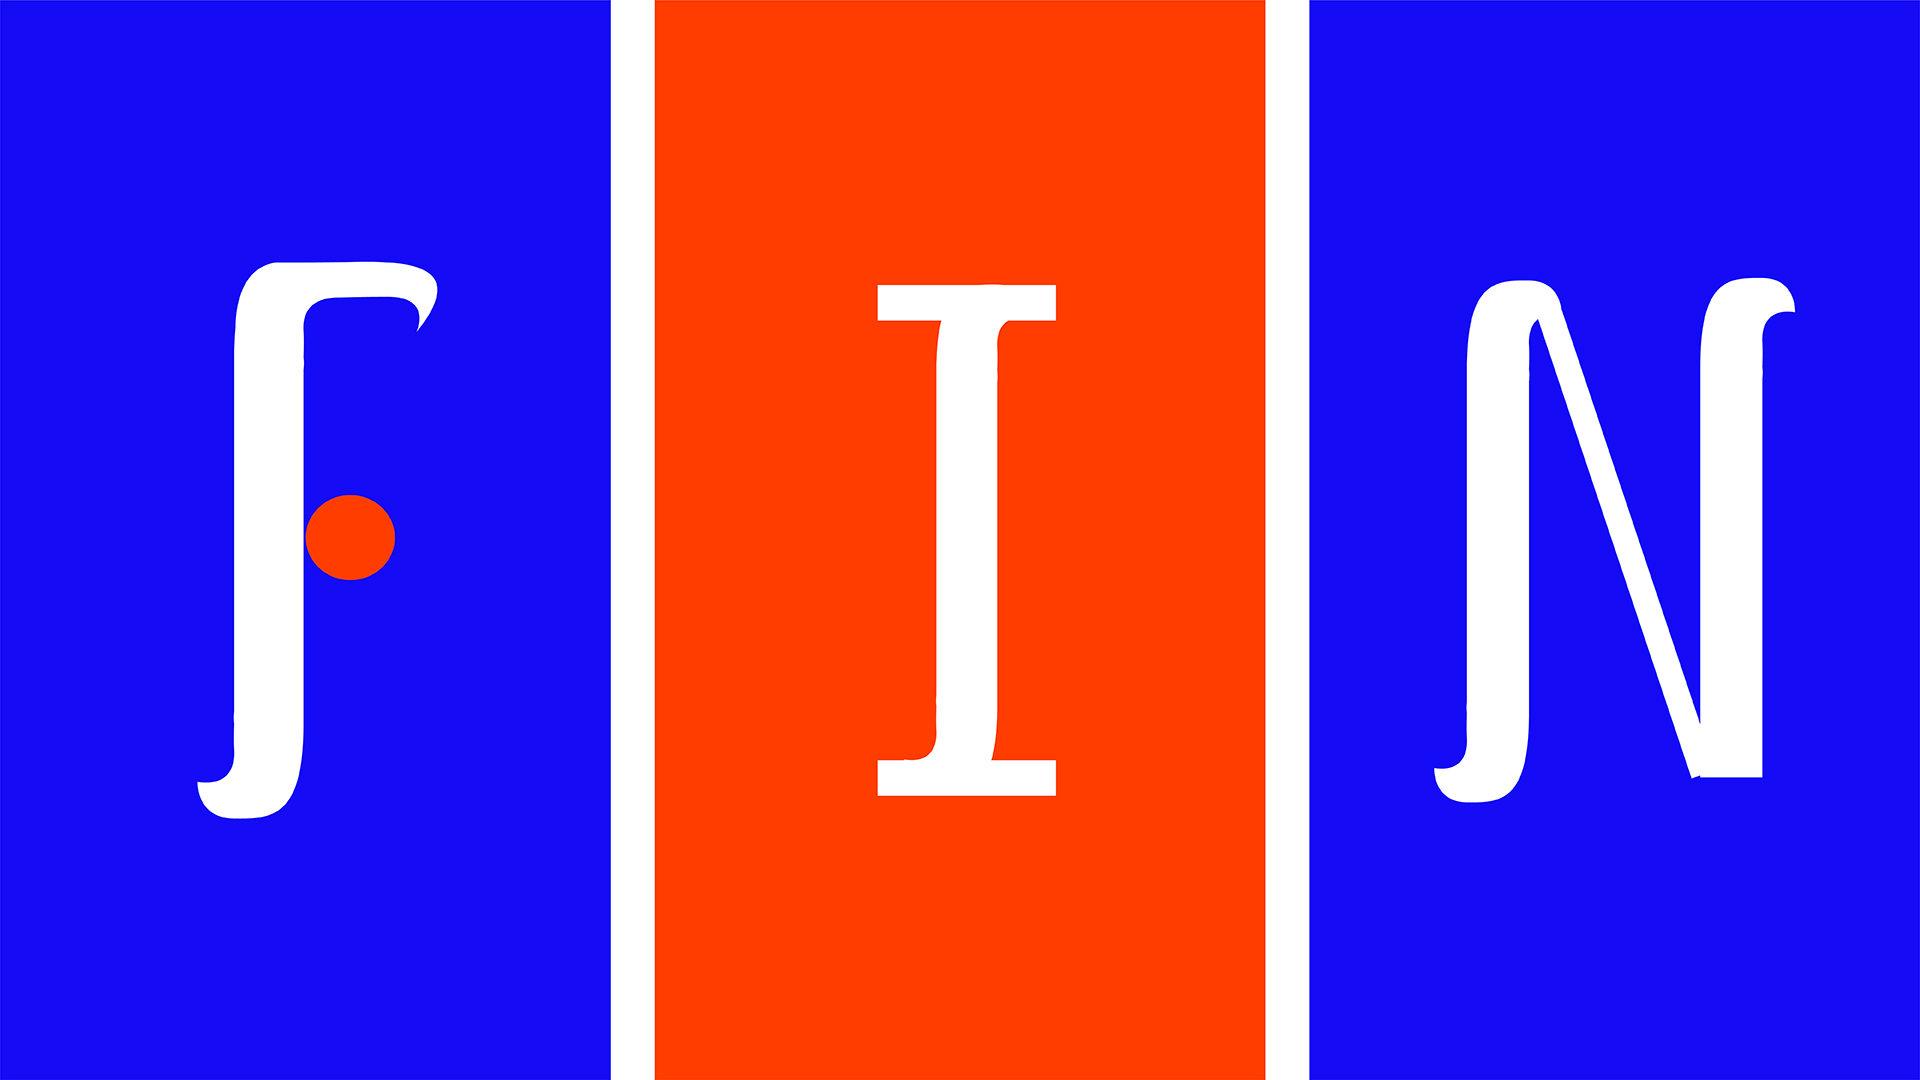 """""""FIN"""" custom type design in bright blue, orange and white"""